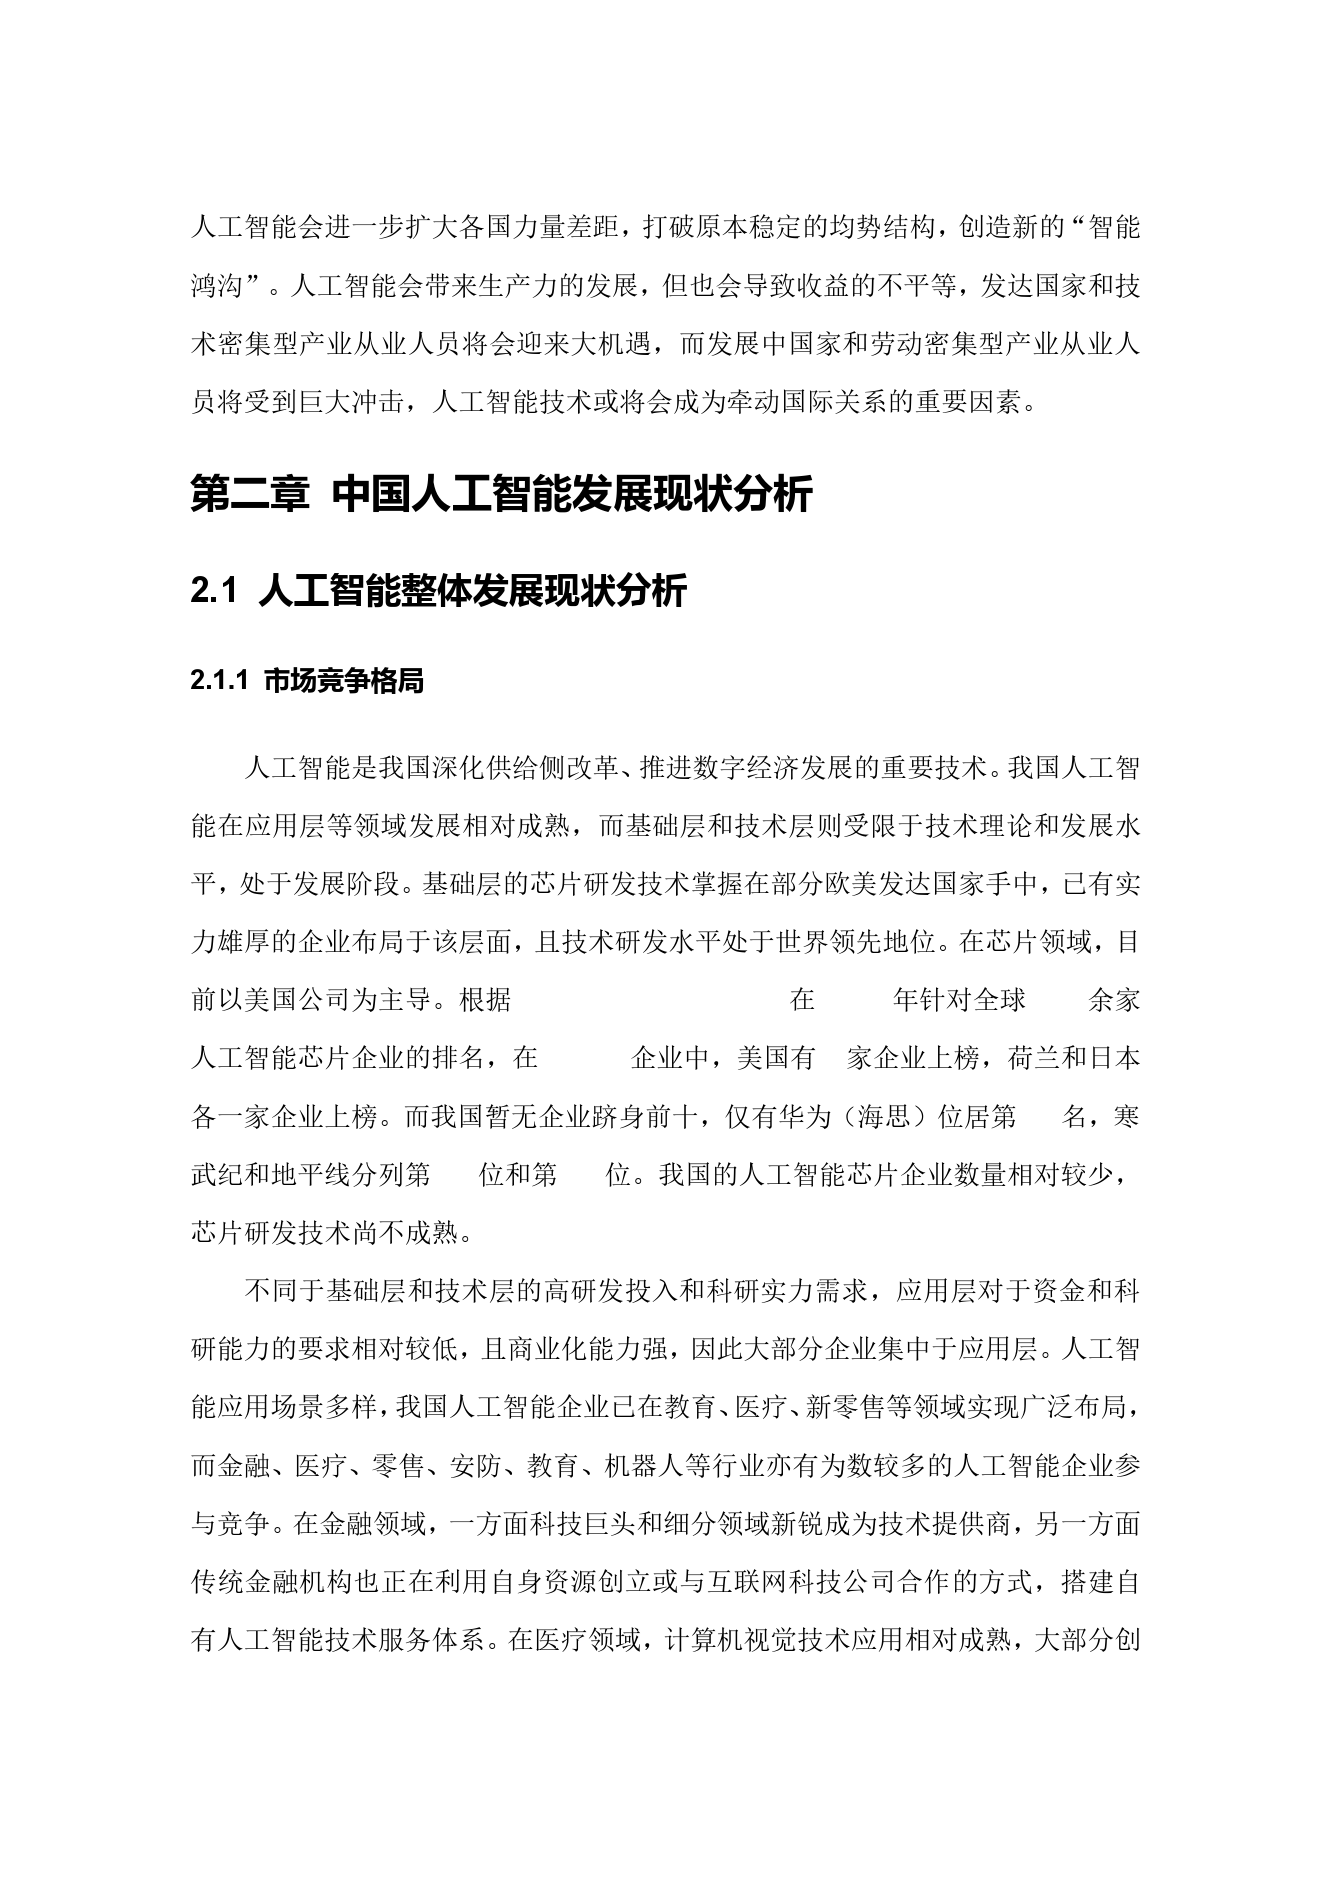 36氪研究院:2020年中国城市人工智能发展指数报告(可下载报告)插图(21)